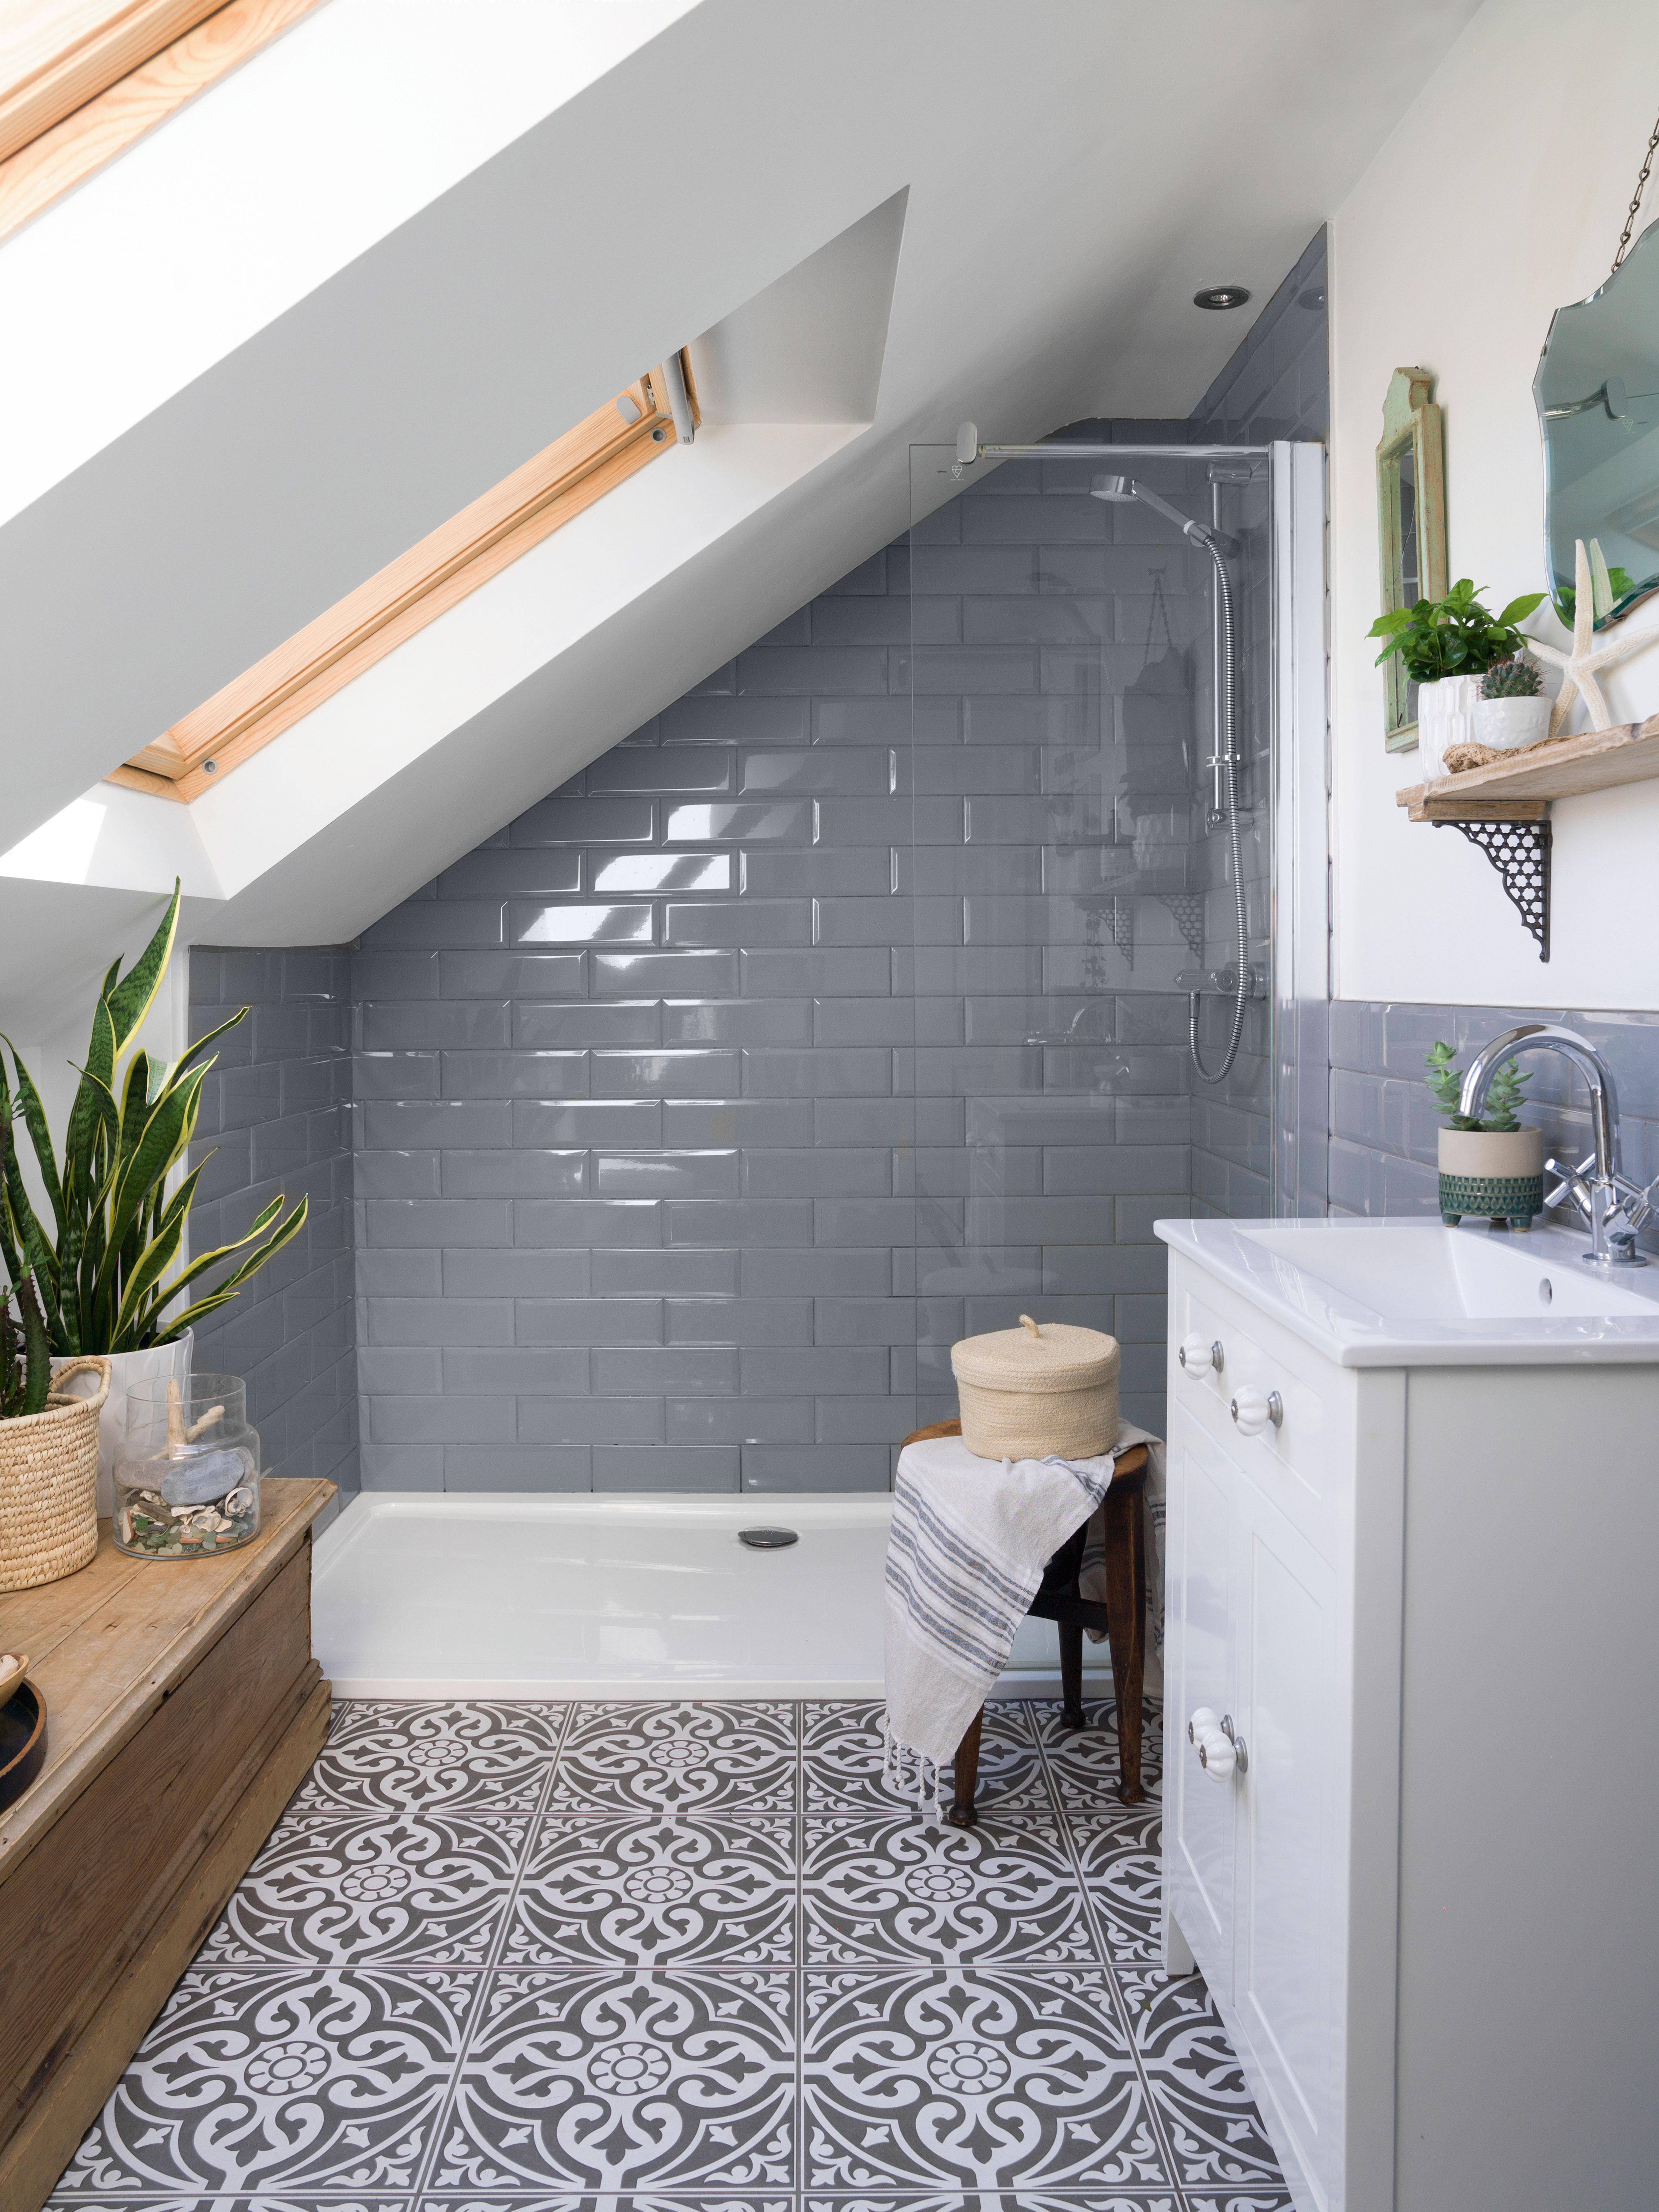 15 Small Bathroom Tile Ideas Stylish, Small Bathroom Tiles